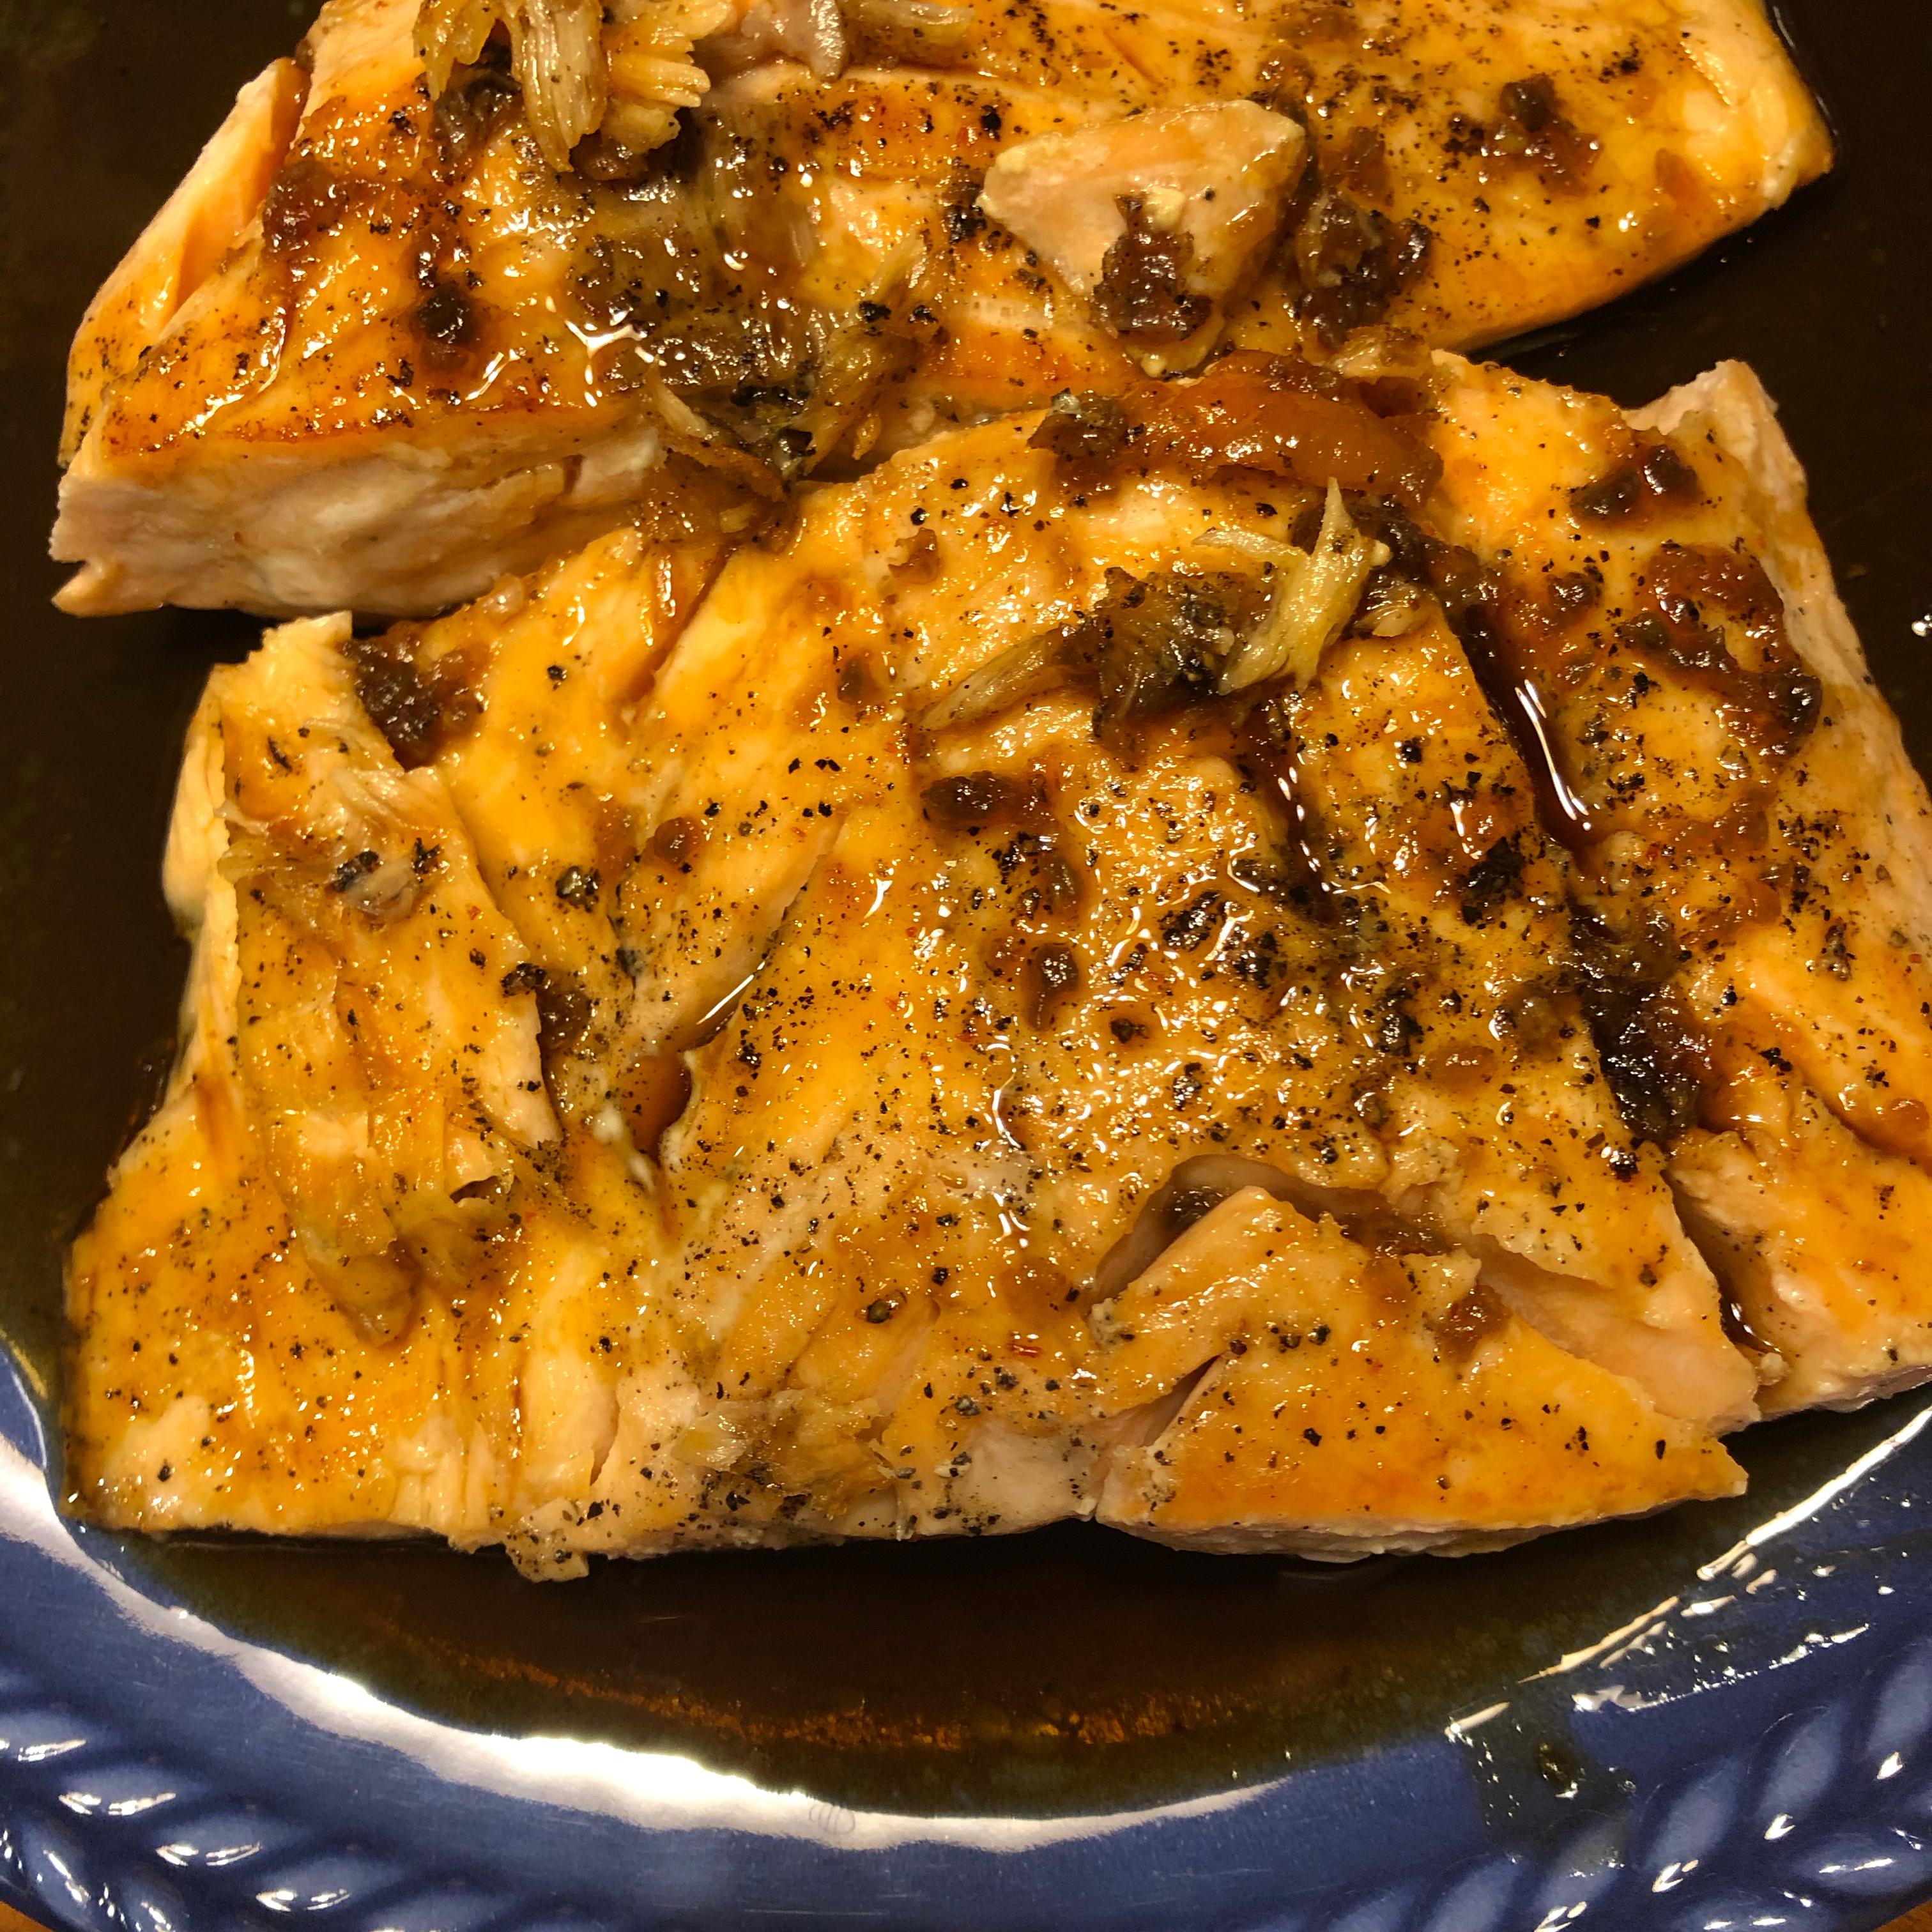 Honey Garlic Glazed Salmon cherr2j